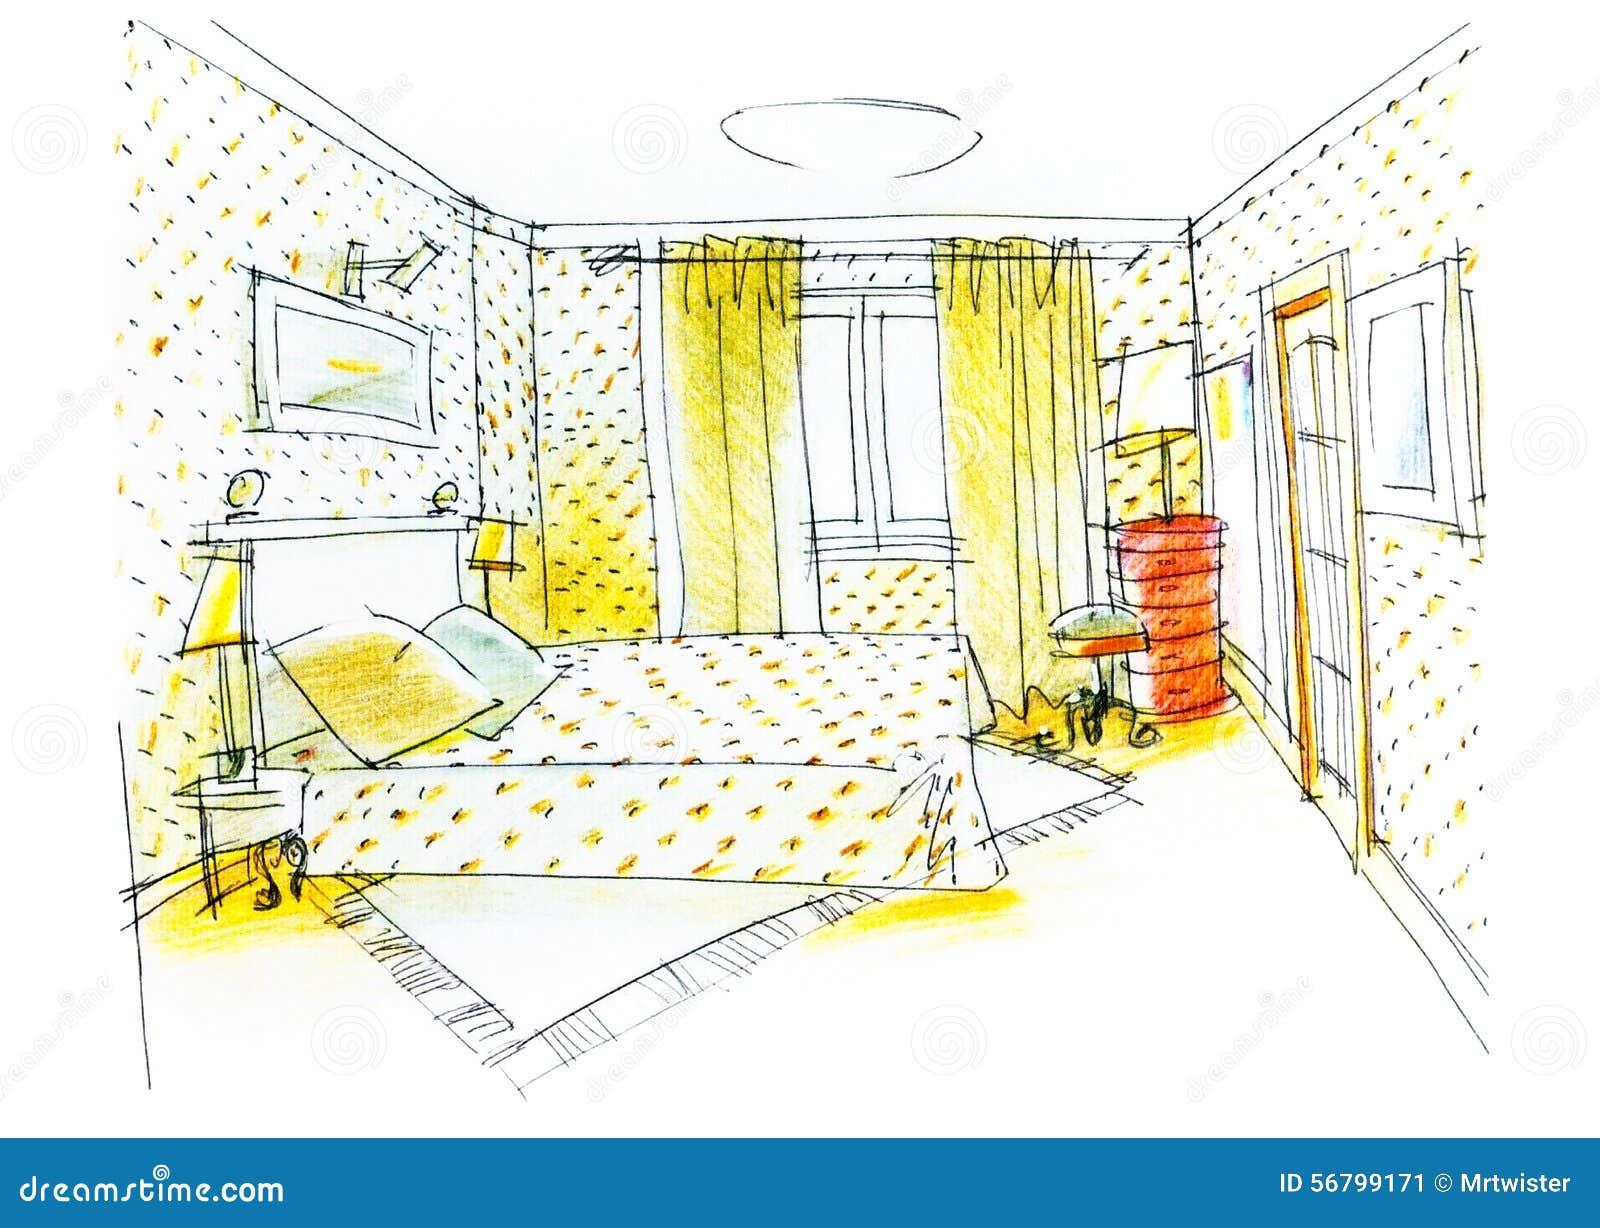 #B6A815 Dessin De Chambre à Coucher Avec Le Crayon De Couleur  3025 plan petite chambre à coucher 1300x1014 px @ aertt.com